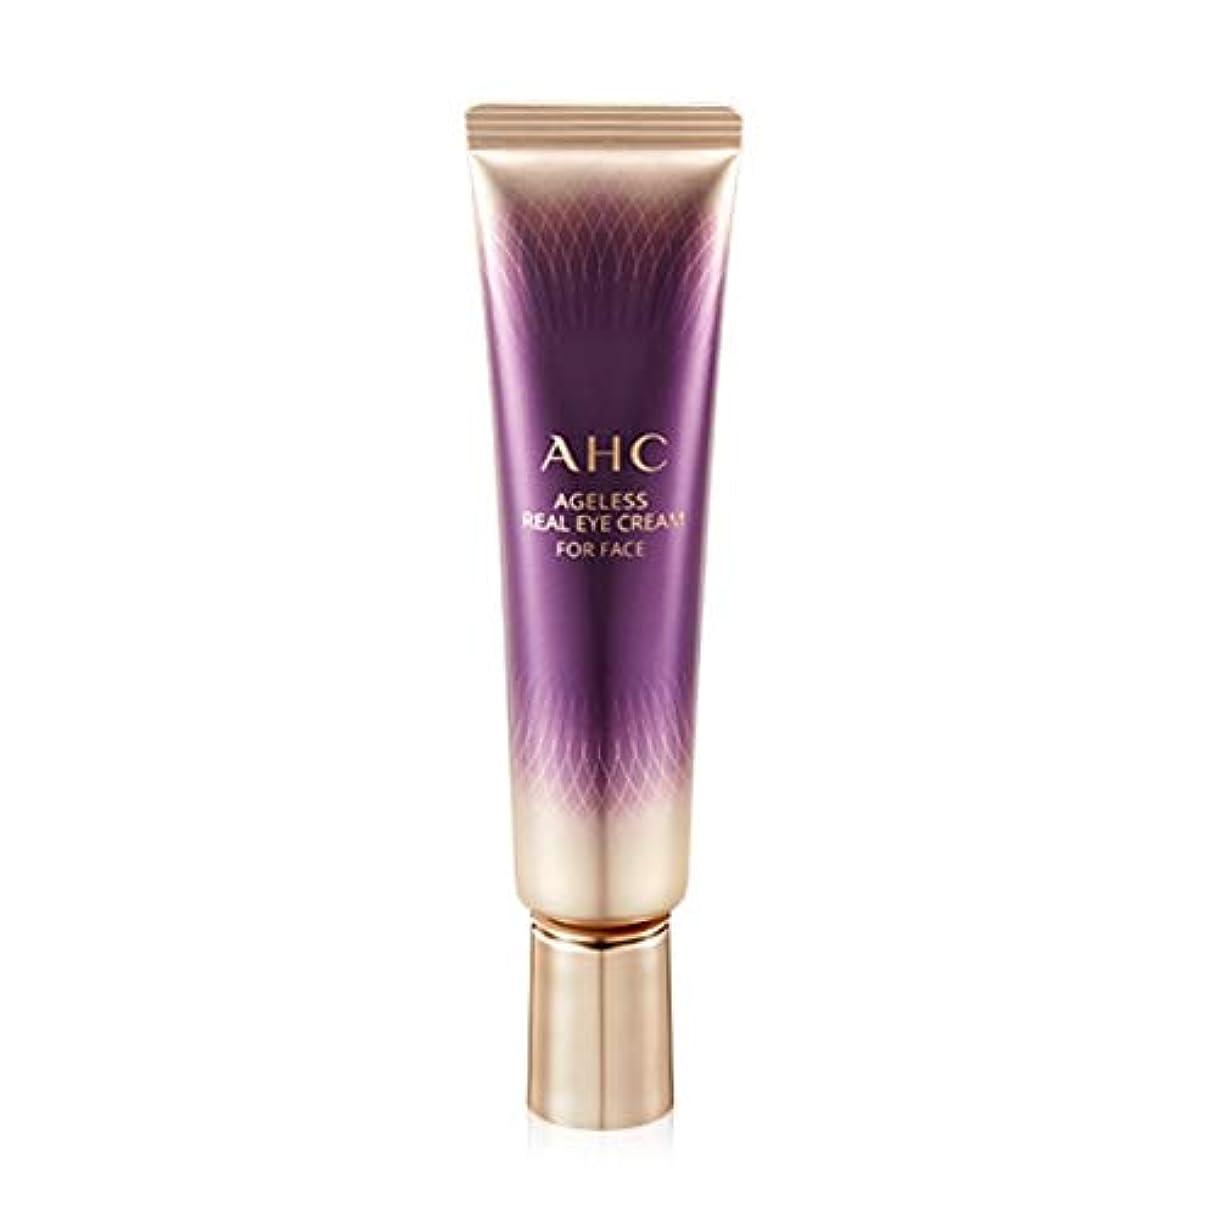 続ける過半数笑[New] AHC Ageless Real Eye Cream For Face Season 7 30ml / AHC エイジレス リアル アイクリーム フォーフェイス 30ml [並行輸入品]